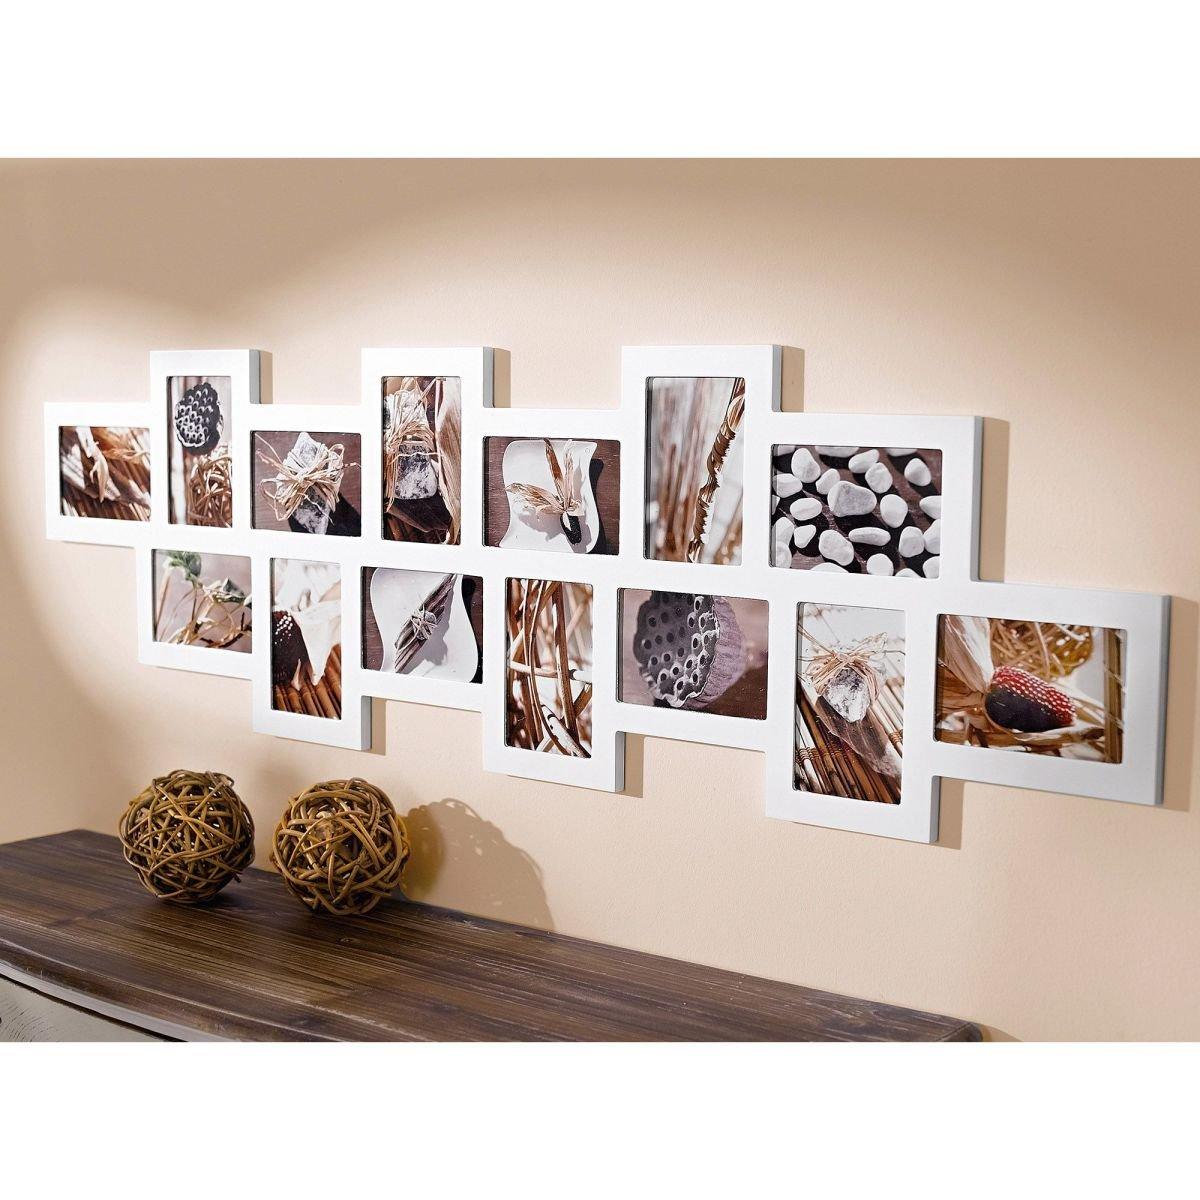 Portaretratos collage galeria de fotos para 14 fotografías ...